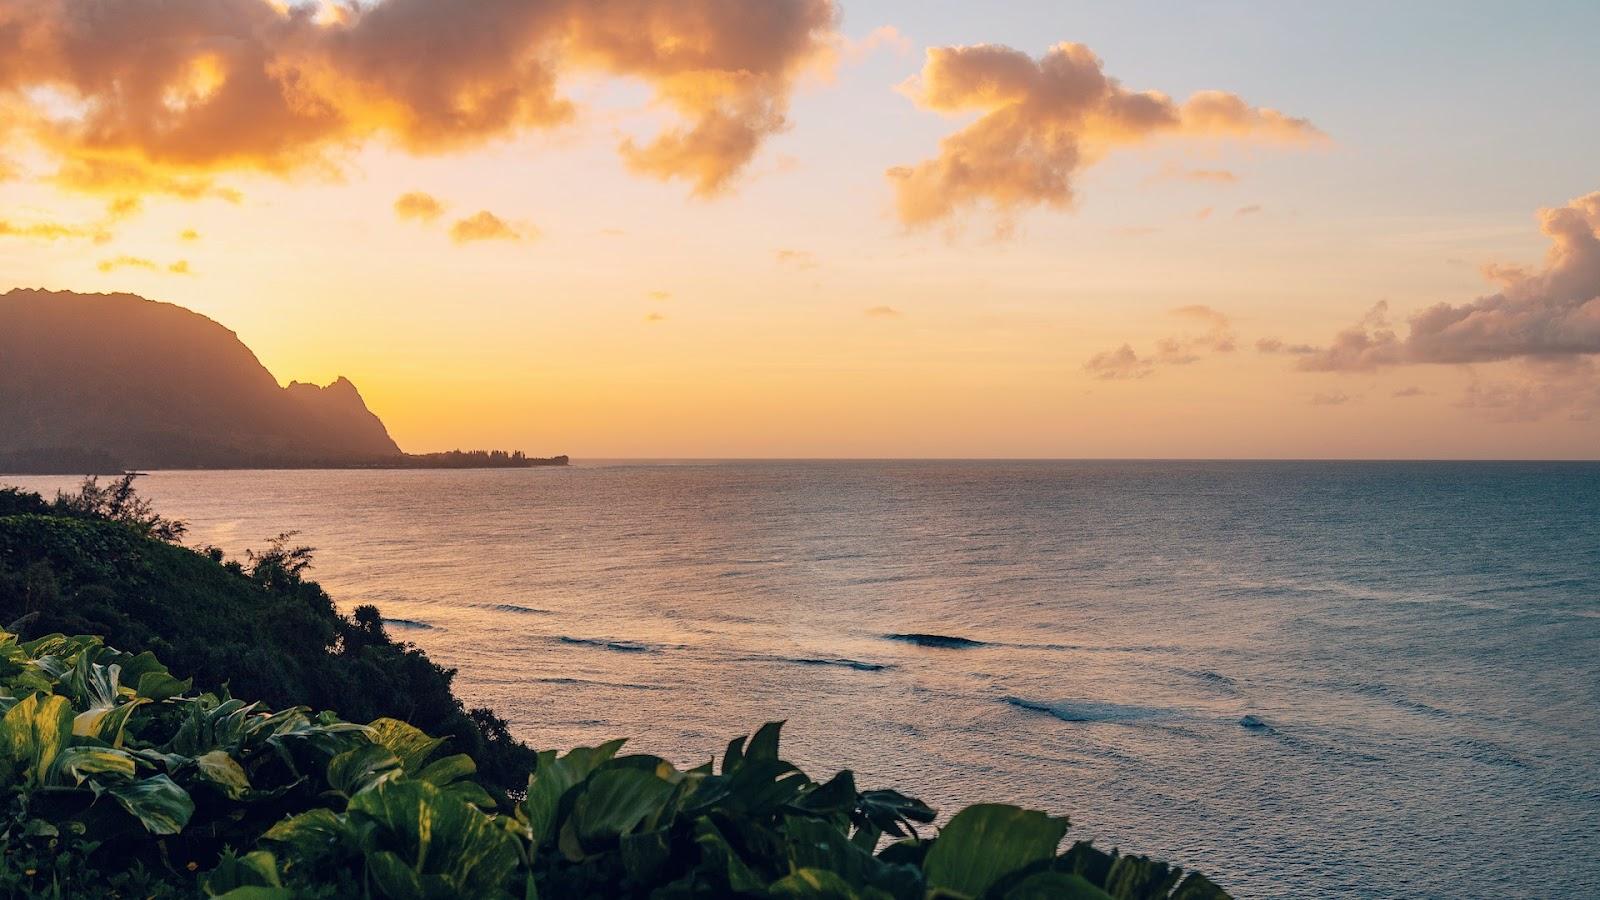 Poipu Beach in Kauai